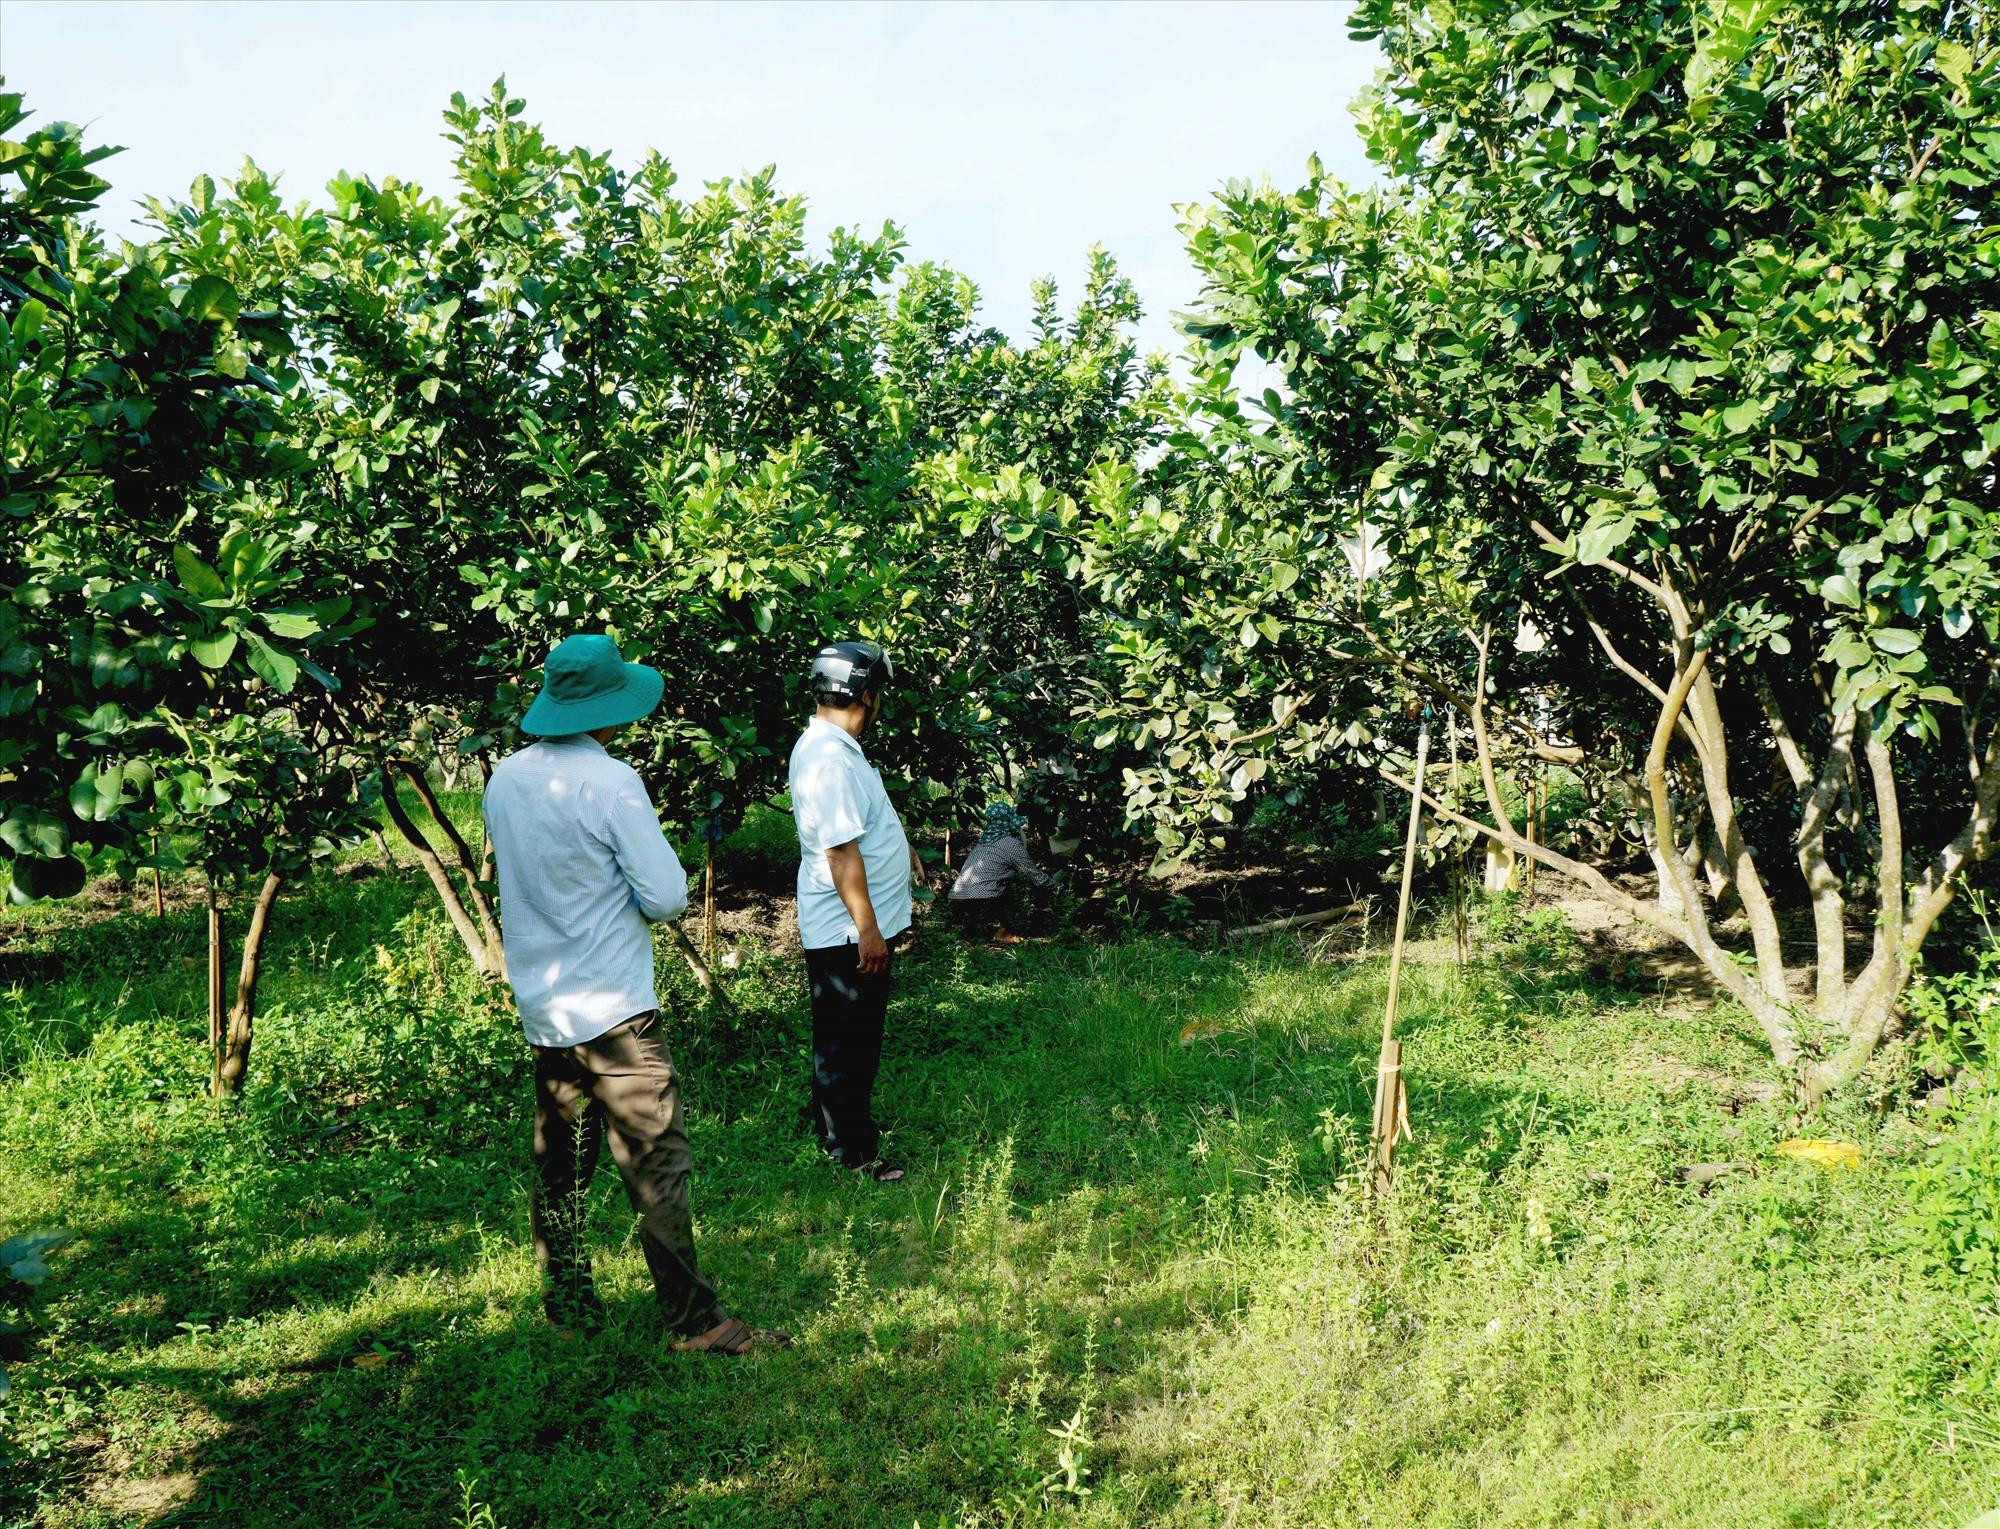 Vườn bưởi trĩu quả của nhà bà Đoàn Thị Hoa (thôn Thọ Tân, xã Tam Ngọc).